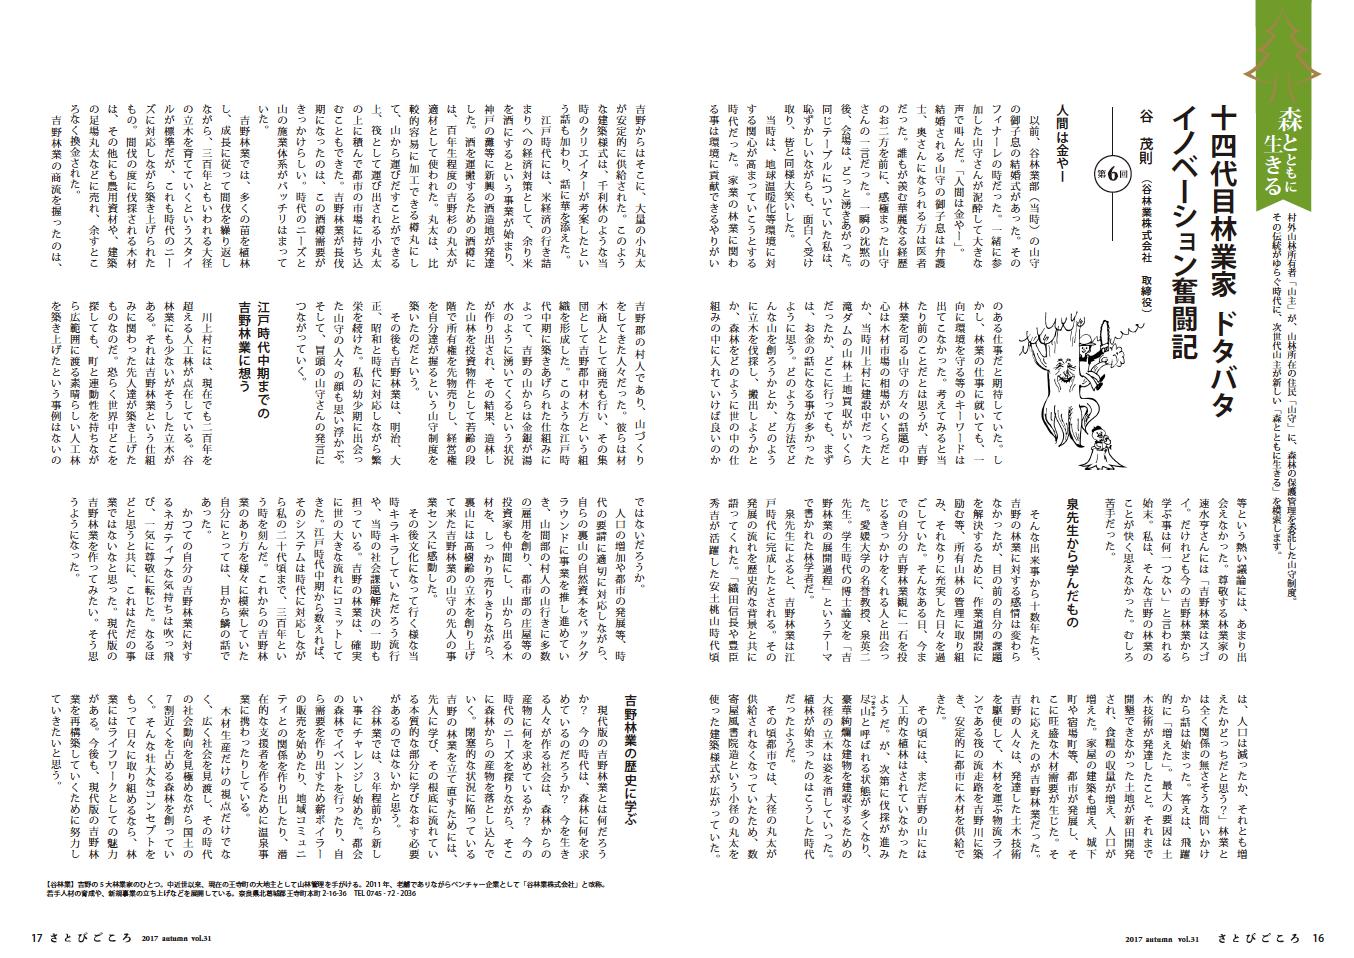 《森とともに生きる》十四代目林業家 ドタバタイノベーション奮闘記06